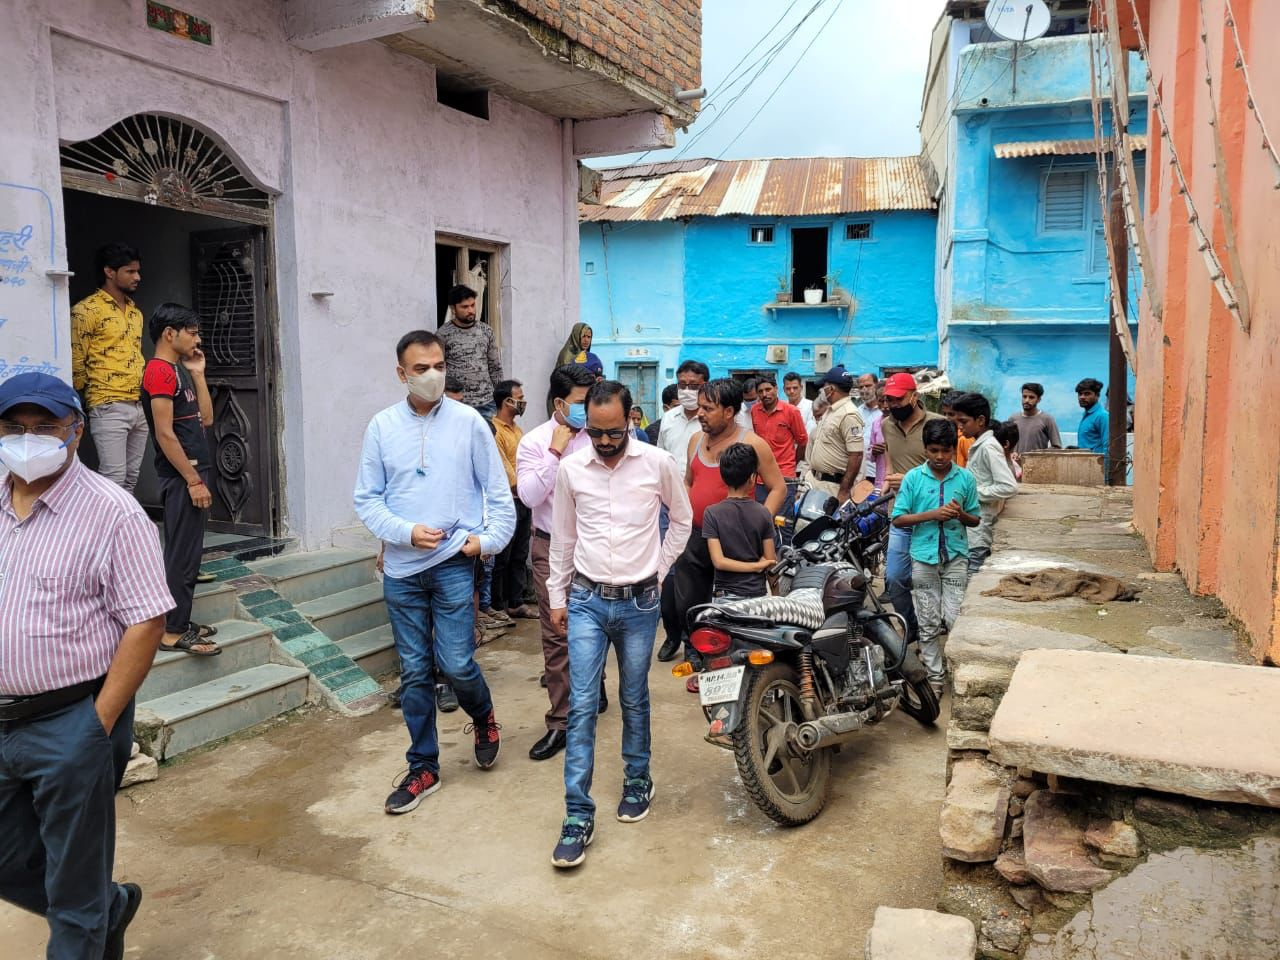 मदारपुरा में लार्वा की जांच करने जाते कलेक्टर व अन्य अधिकारी। - Dainik Bhaskar